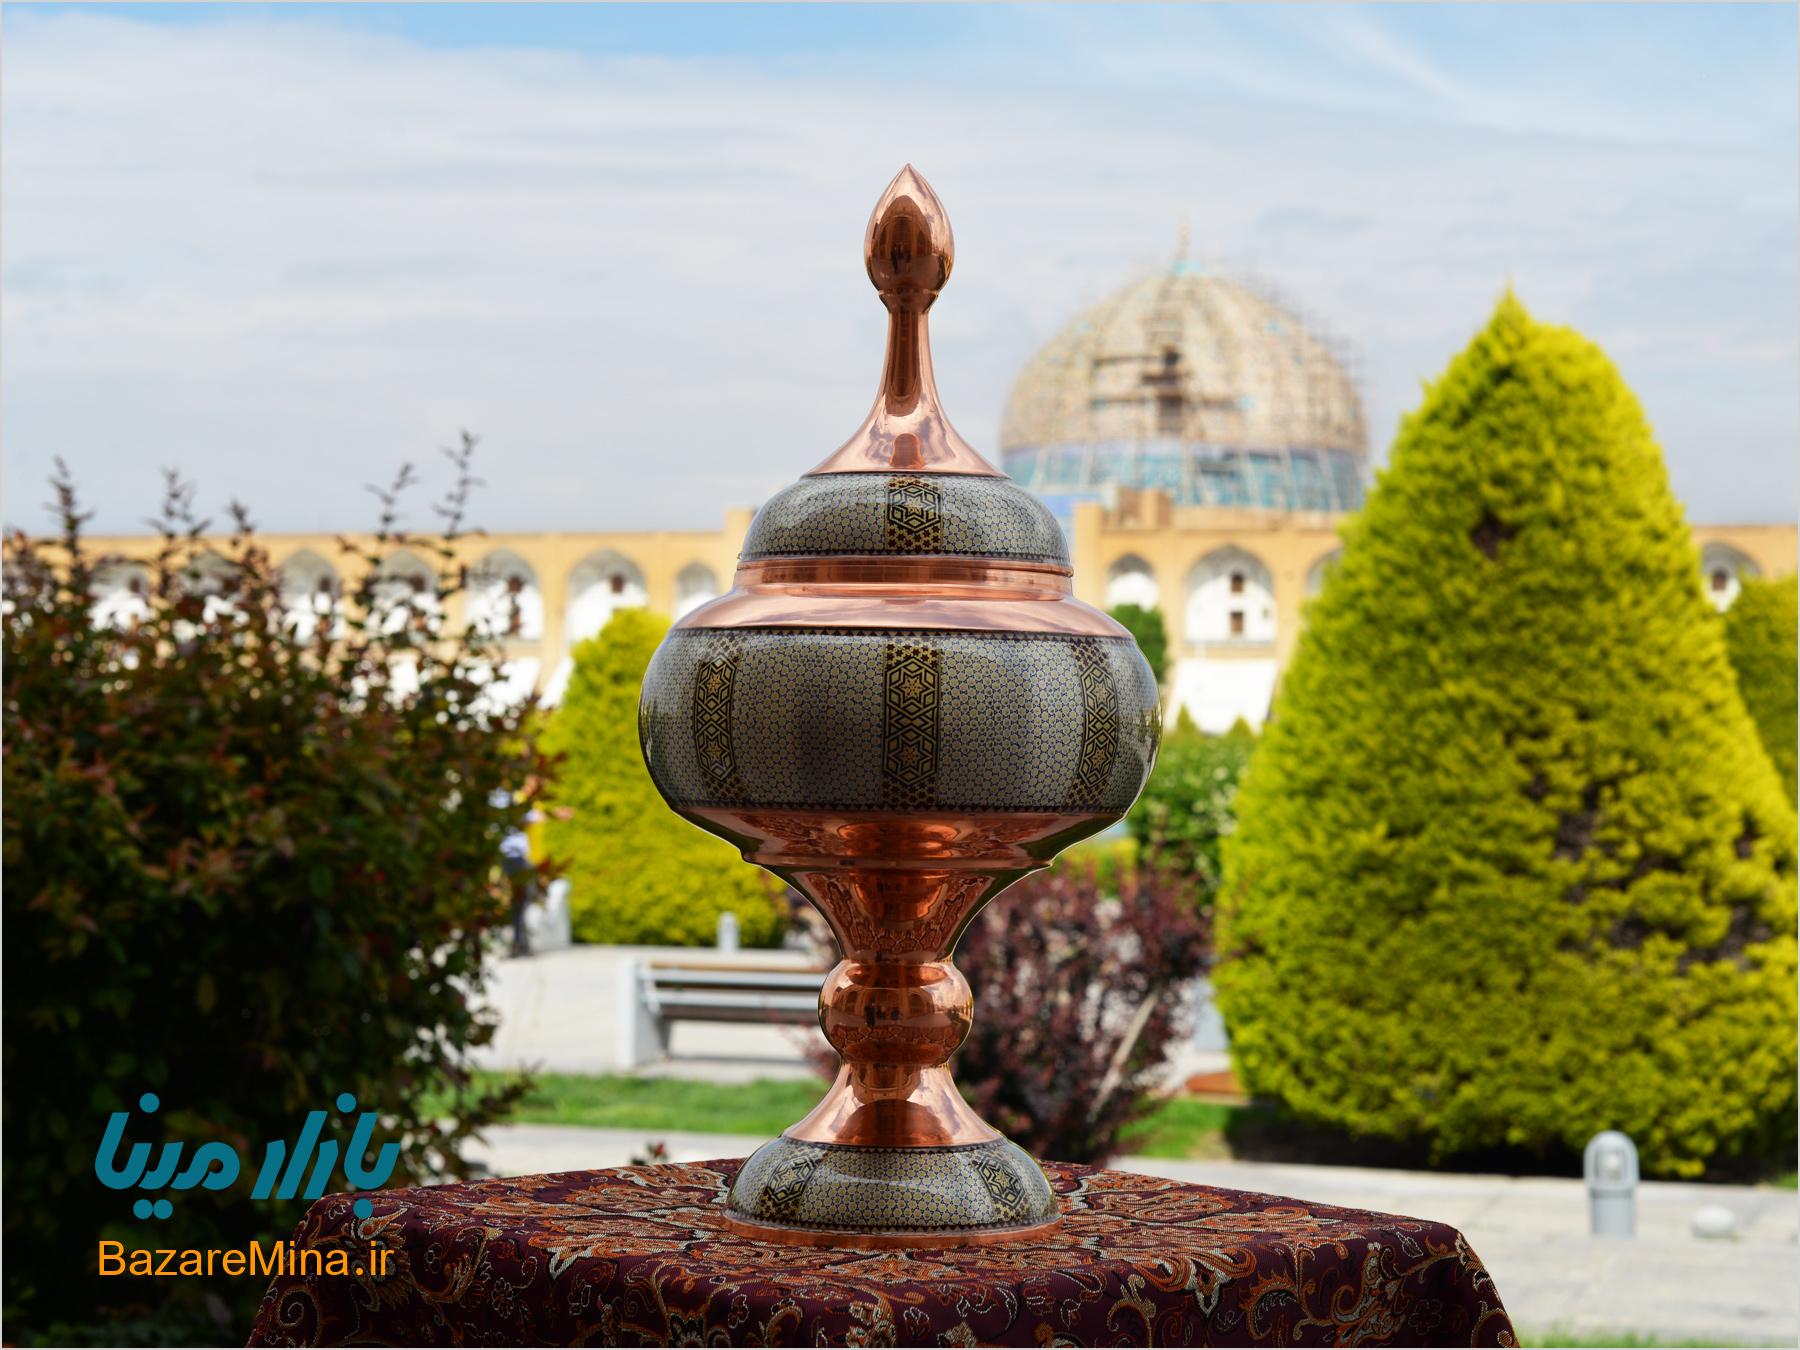 Khatam Kari of Isfahan